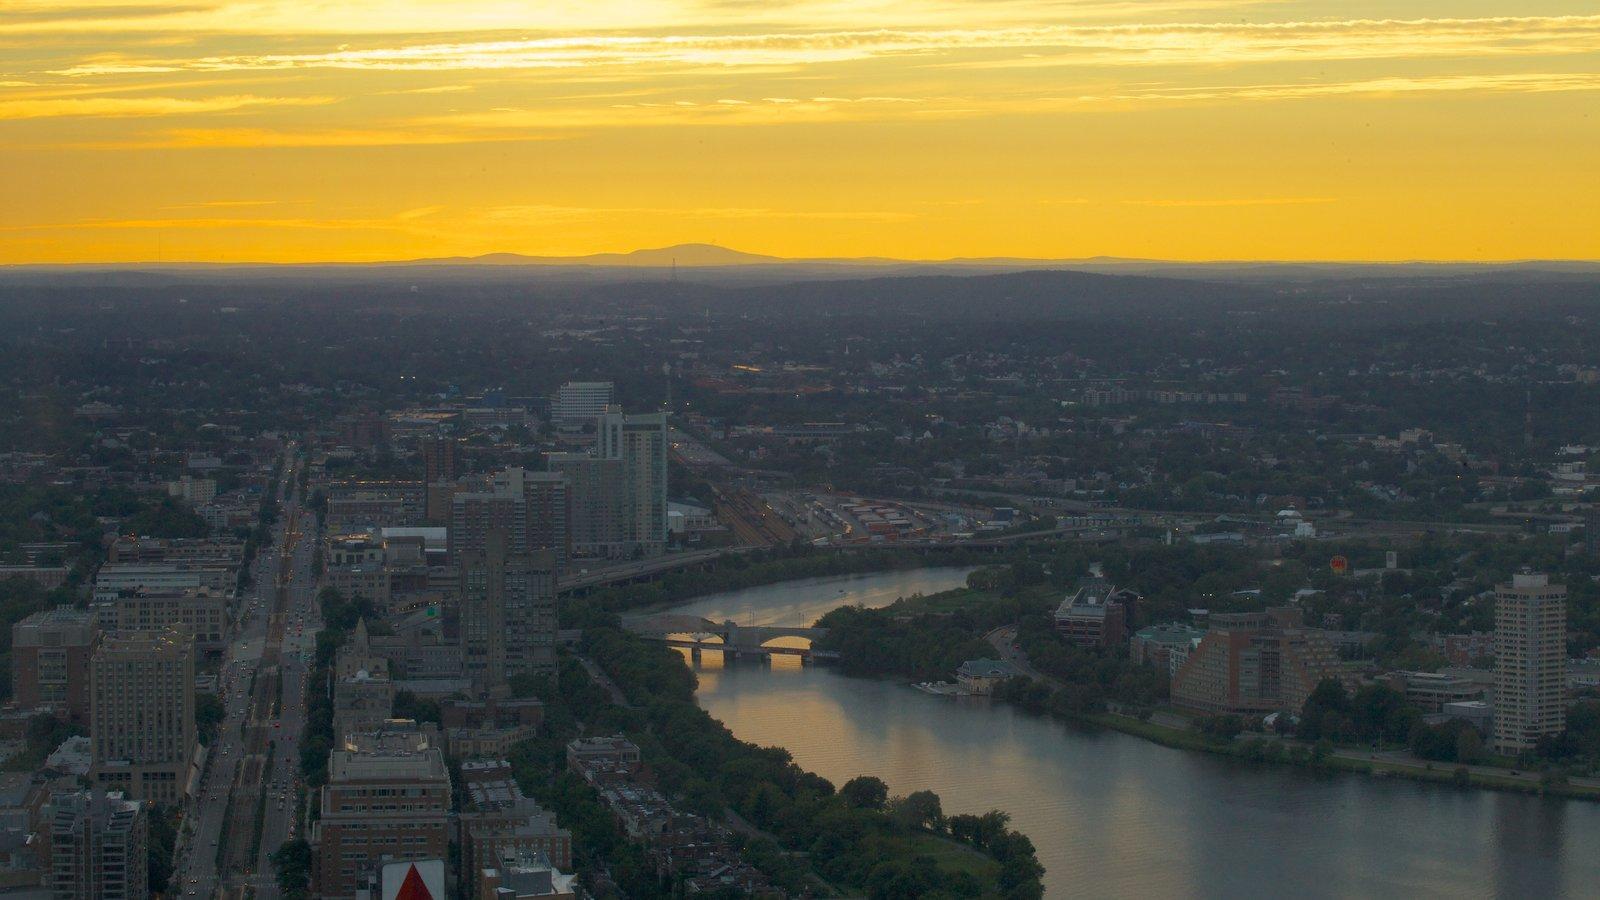 Prudential Tower mostrando um rio ou córrego, uma cidade e um pôr do sol